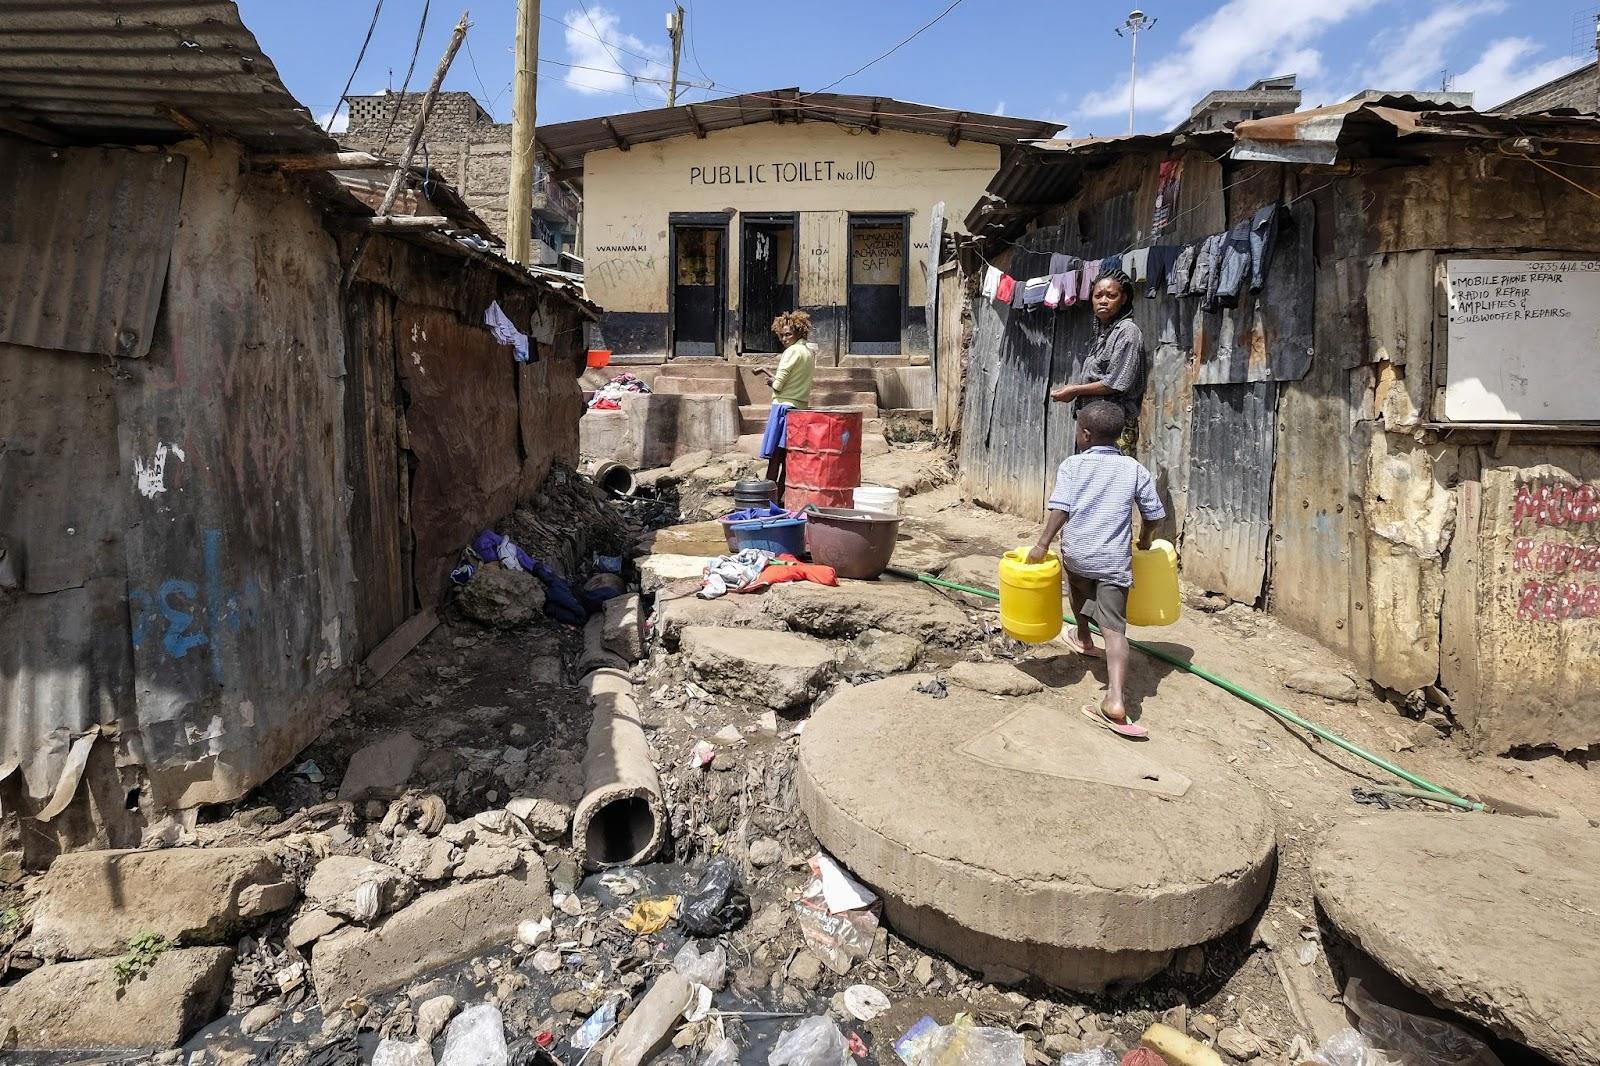 Slum of Mathare, Nairobi, Kenya.